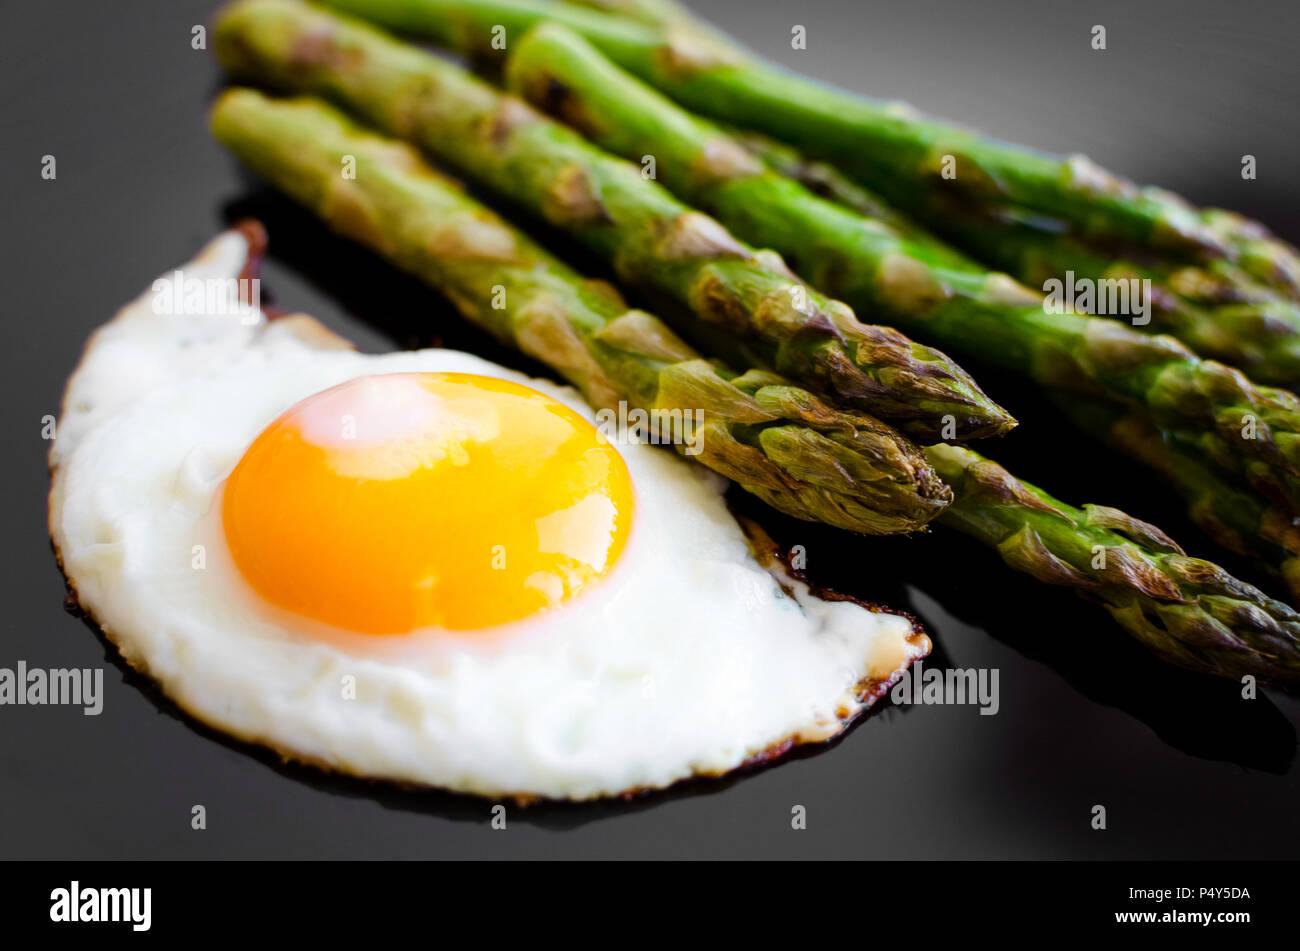 Œuf frit et asperges fraîches rôties en plaque noire. Dîner santé concept. Manger délicieux et nutritifs. Photo Stock